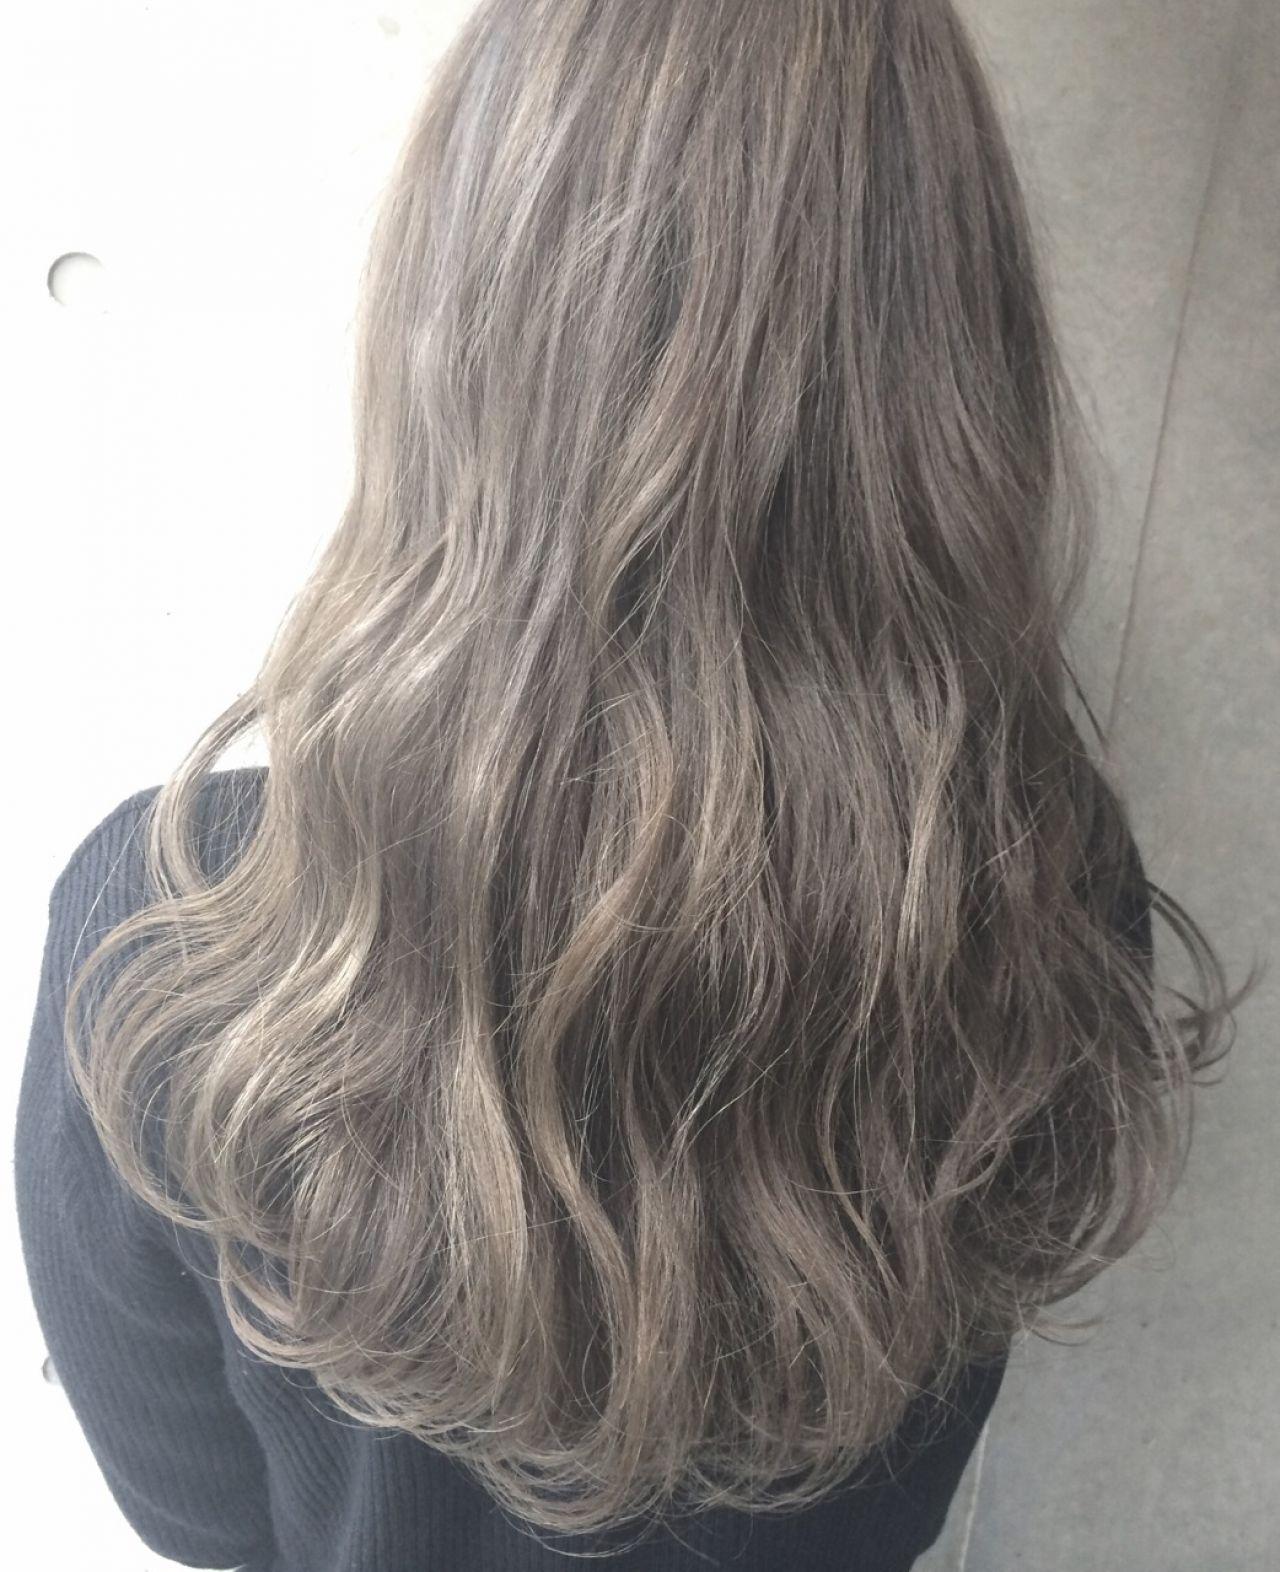 春 ロング パンク 外国人風 ヘアスタイルや髪型の写真・画像 | 米川光平/melgina(メルジーナ) / melgina(メルジーナ)